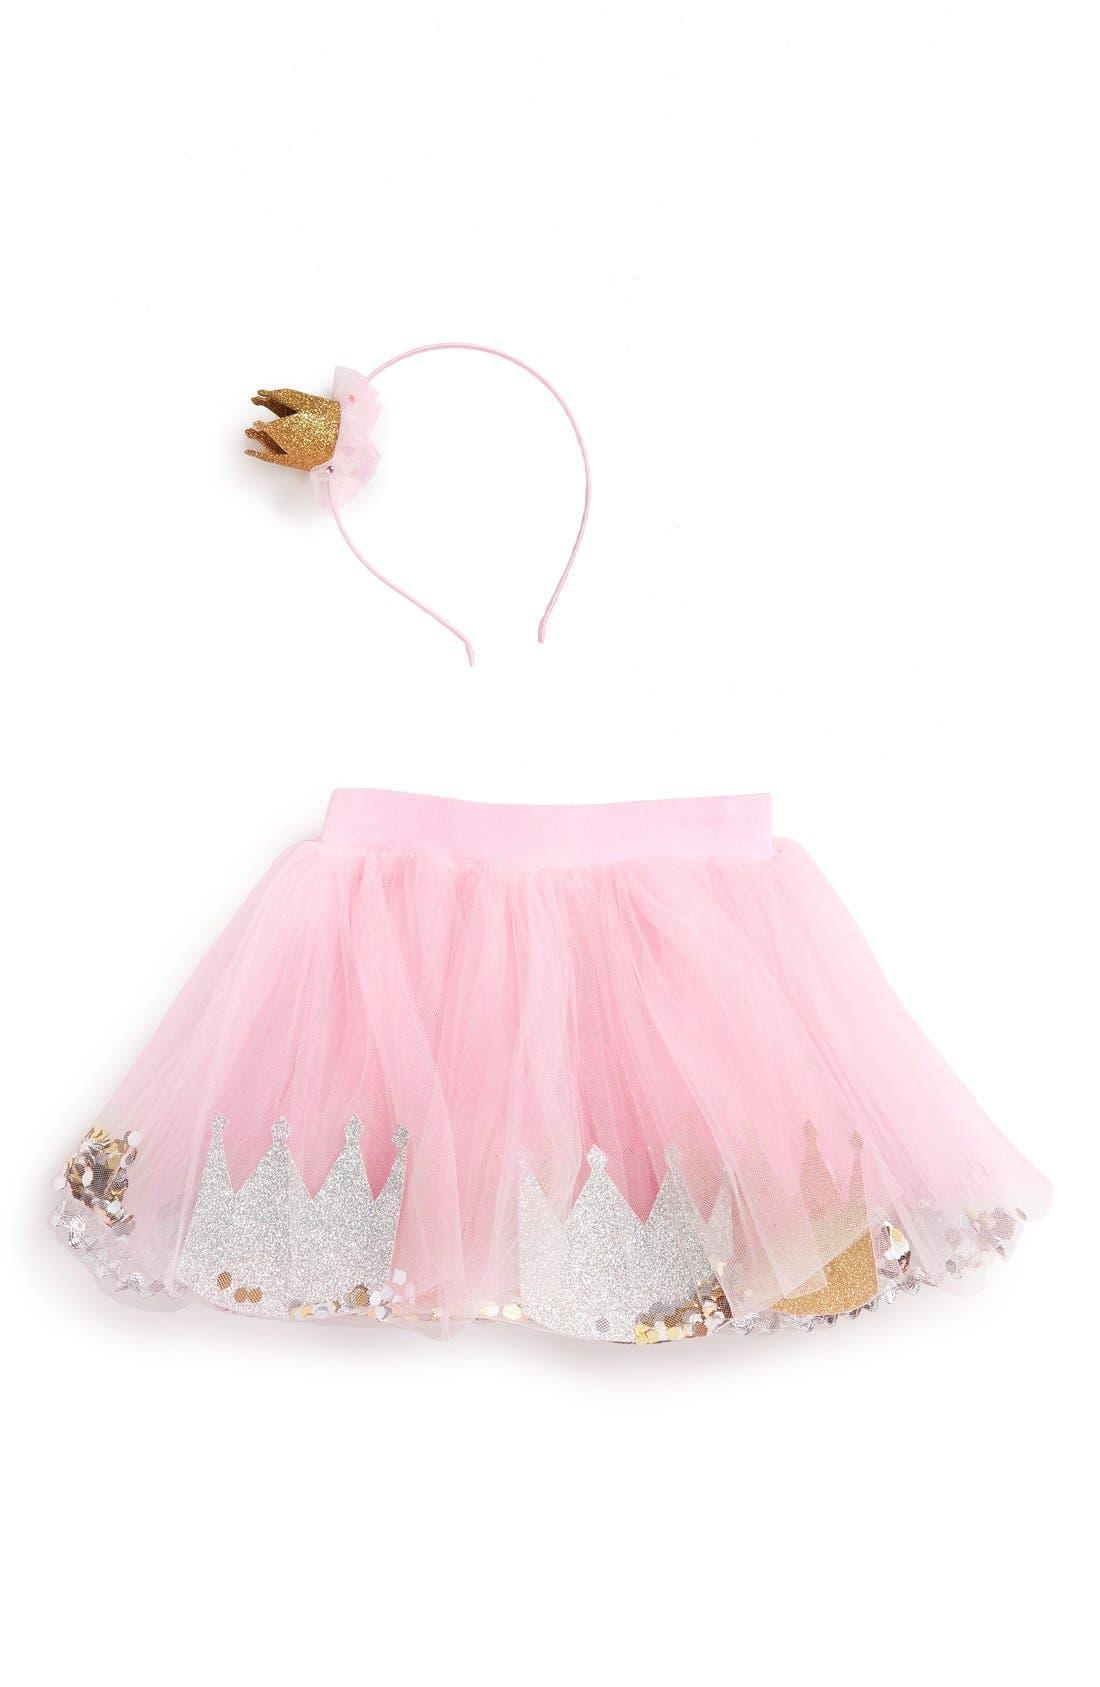 Mud Pie 'Princess' Tutu & Headband Set (Baby Girls)